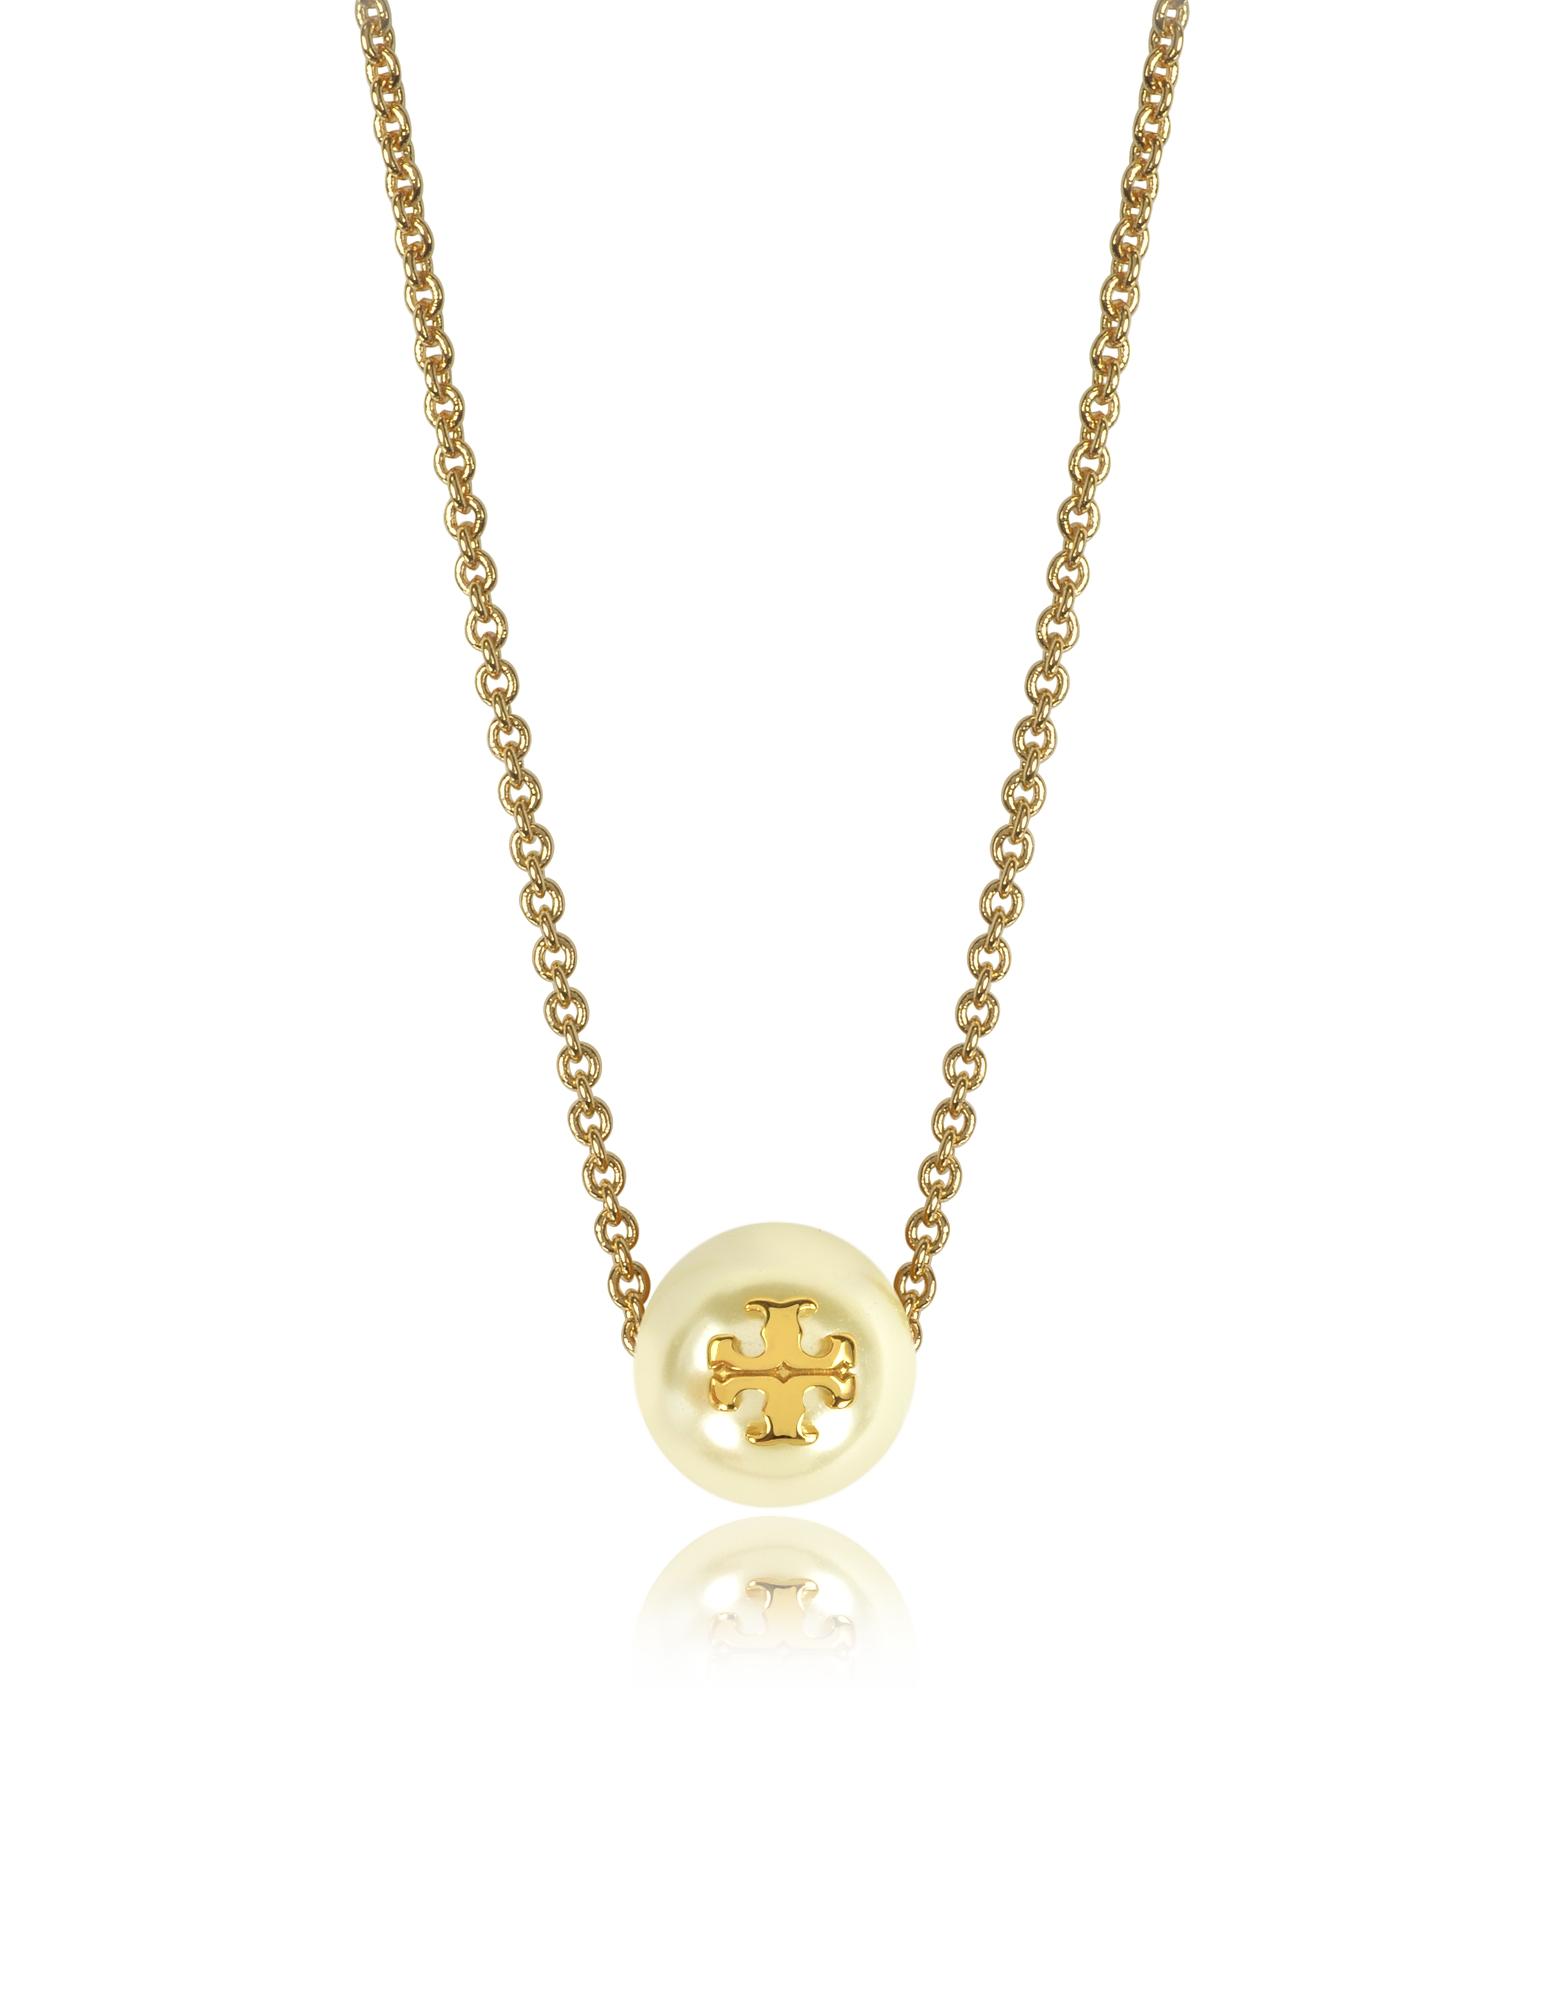 Tory Burch Золотистое Ожерелье из Меди со Стеклянной Жемчужиной Цвета Слоновой Кости